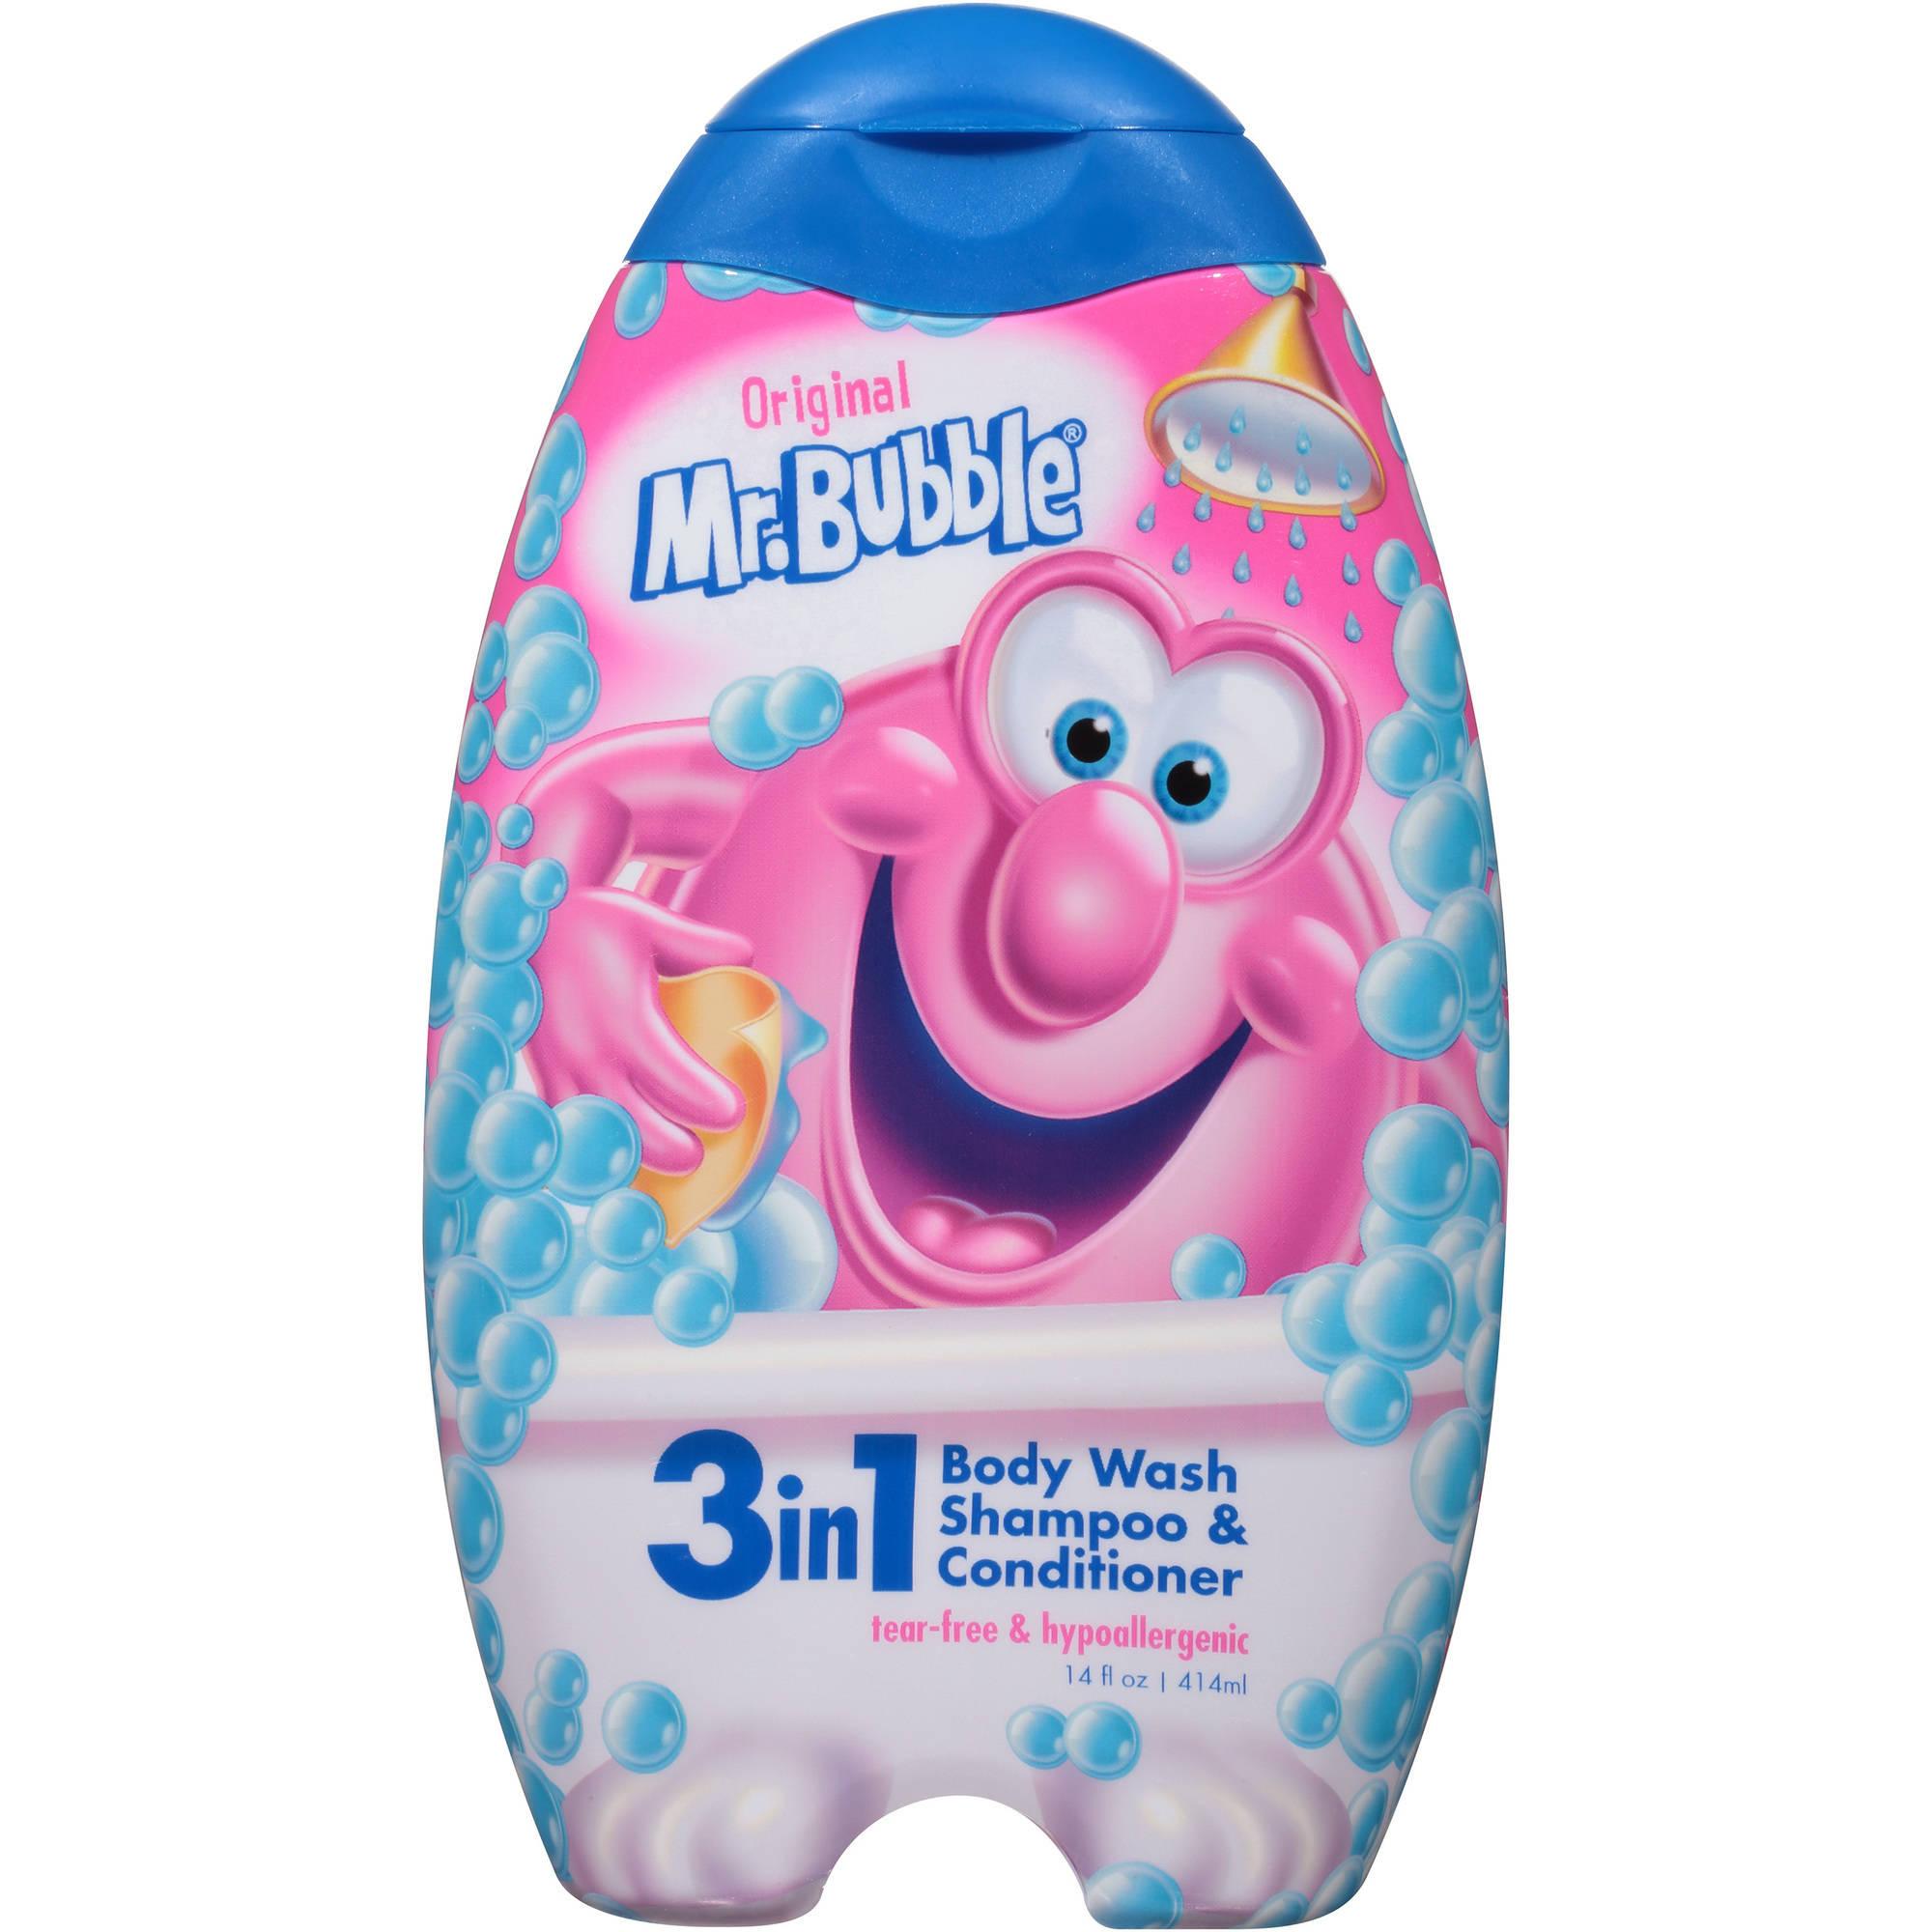 Mr. Bubble Original 3-in-1 Body Wash, Shampoo & Conditioner, 14 fl oz